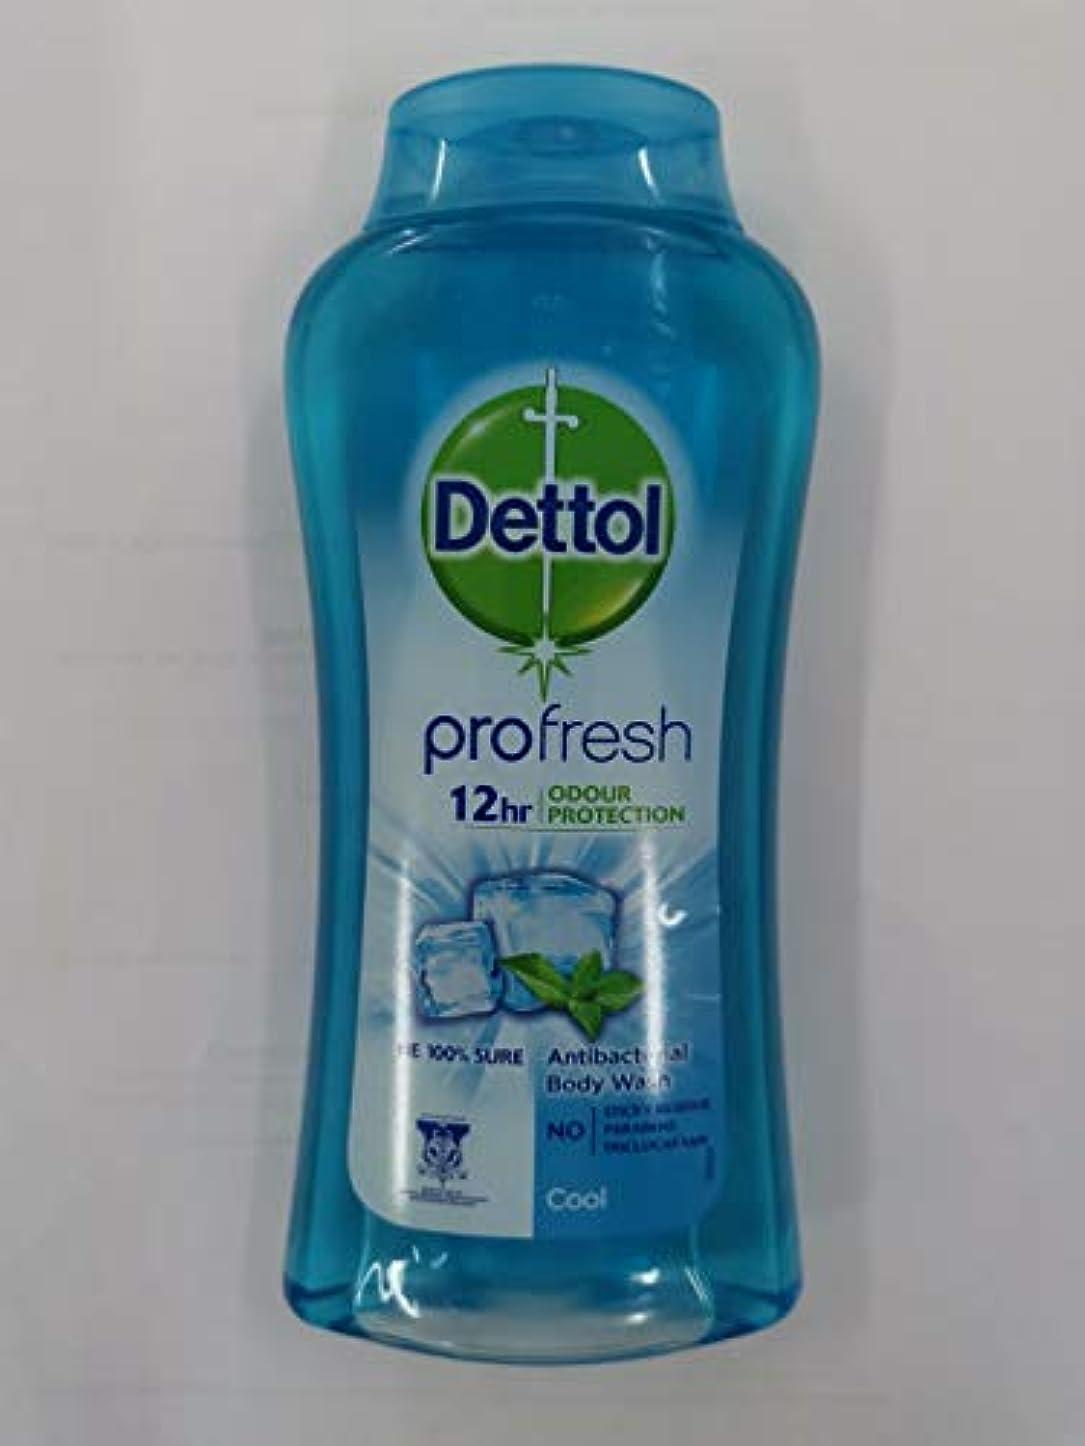 険しいモロニックルーキーDettol 100%ソープフリー - - 平衡のpH値 - クリーム含有する毎日の細菌を防ぐために、コールドシャワージェル250mLの